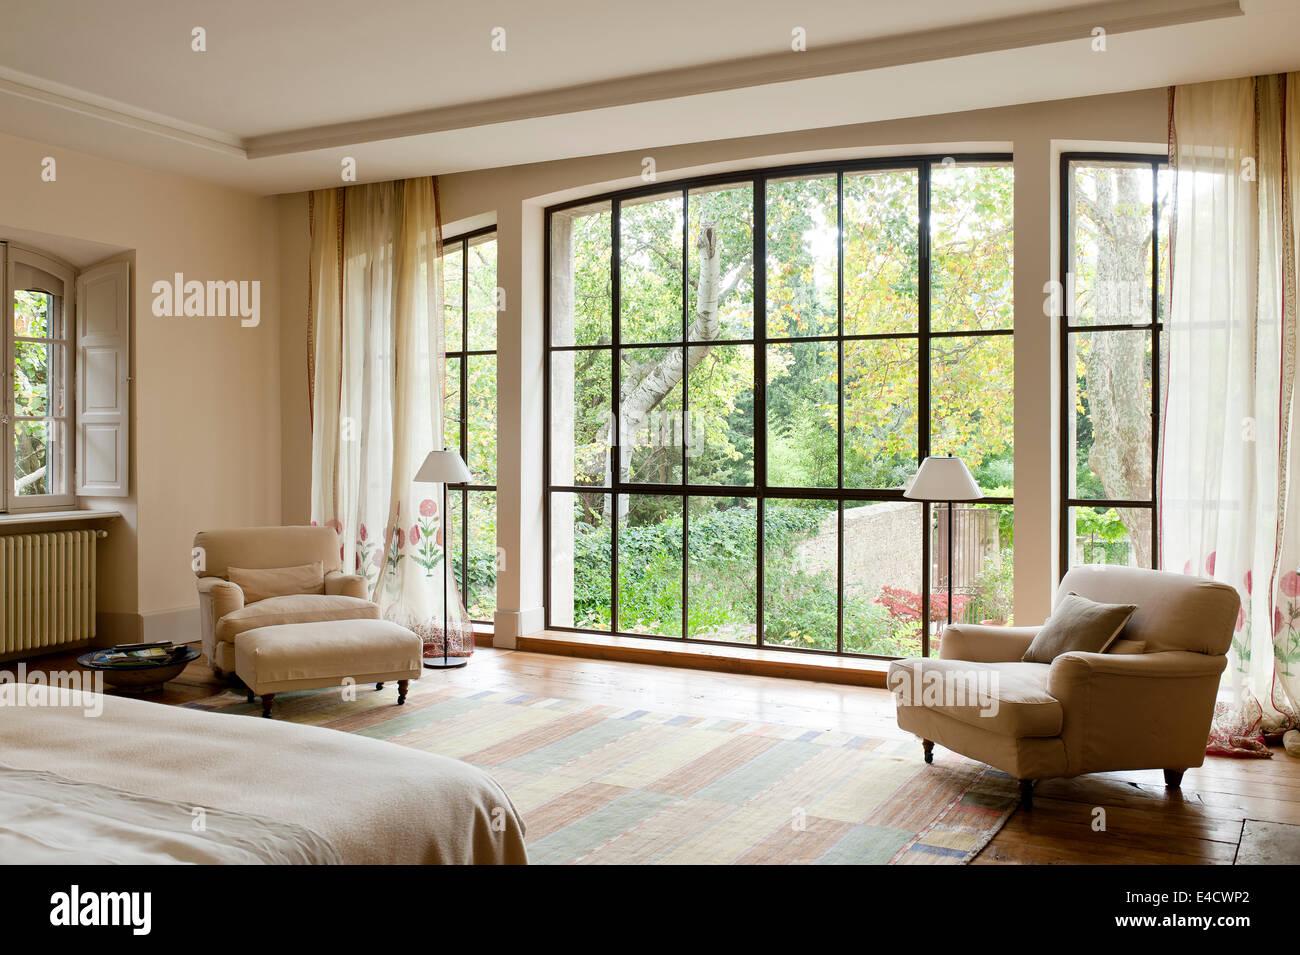 gro es fenster mit blick auf den garten im schlafzimmer mit niedrigen sessel und teppich von. Black Bedroom Furniture Sets. Home Design Ideas